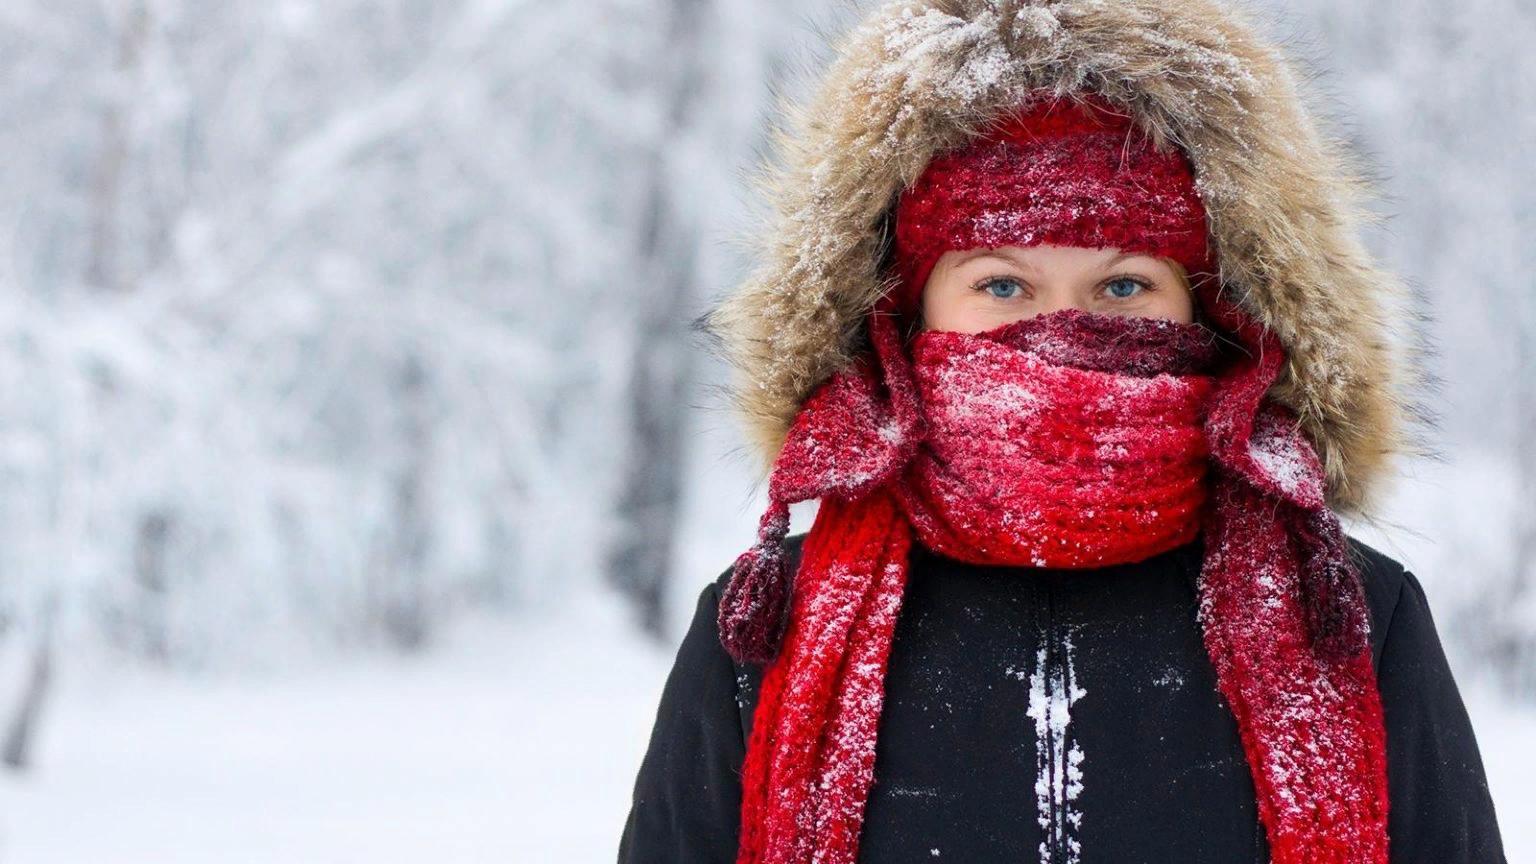 Будьте внимательны — на улице мороз